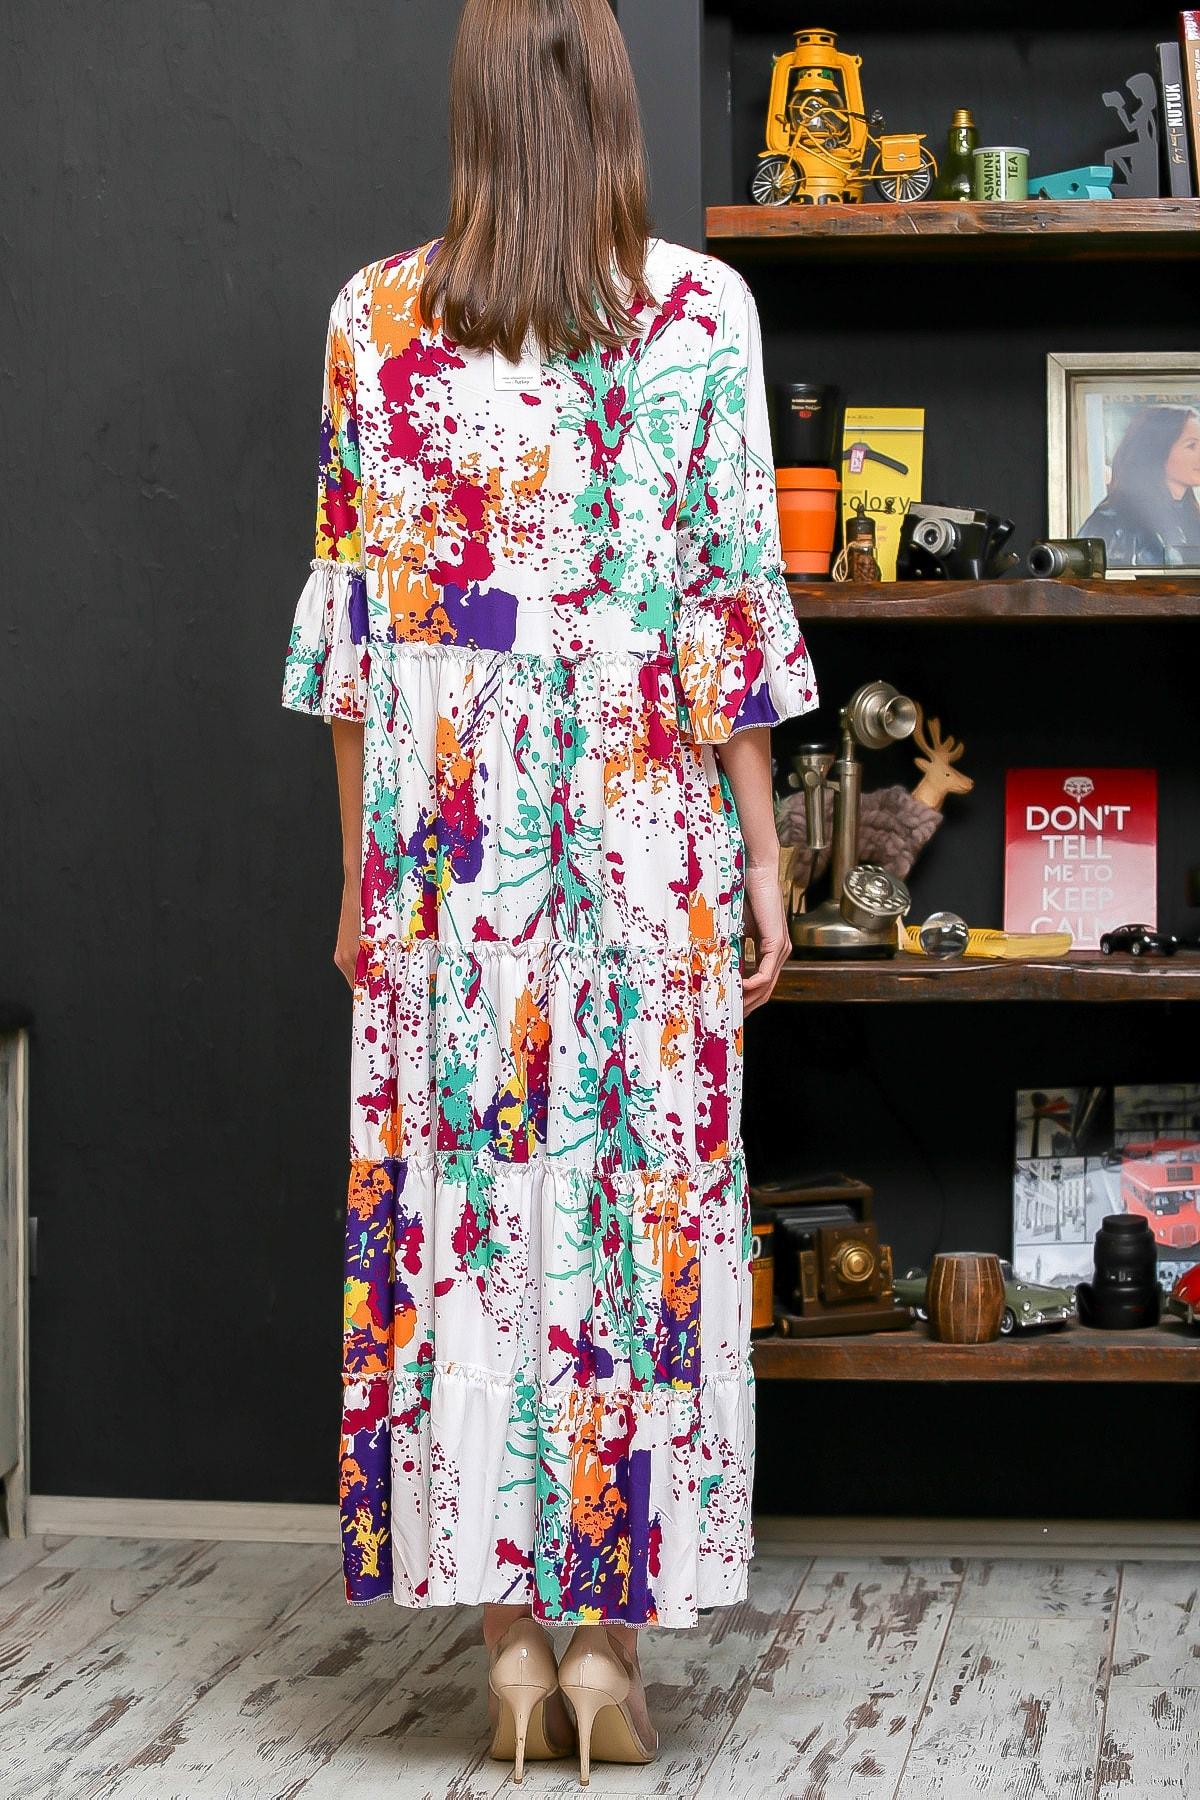 Chiccy Kadın Beyaz Fırça Desen Püsküllü Bağcıklı Salaş Dokuma Elbise M10160000EL95926 4